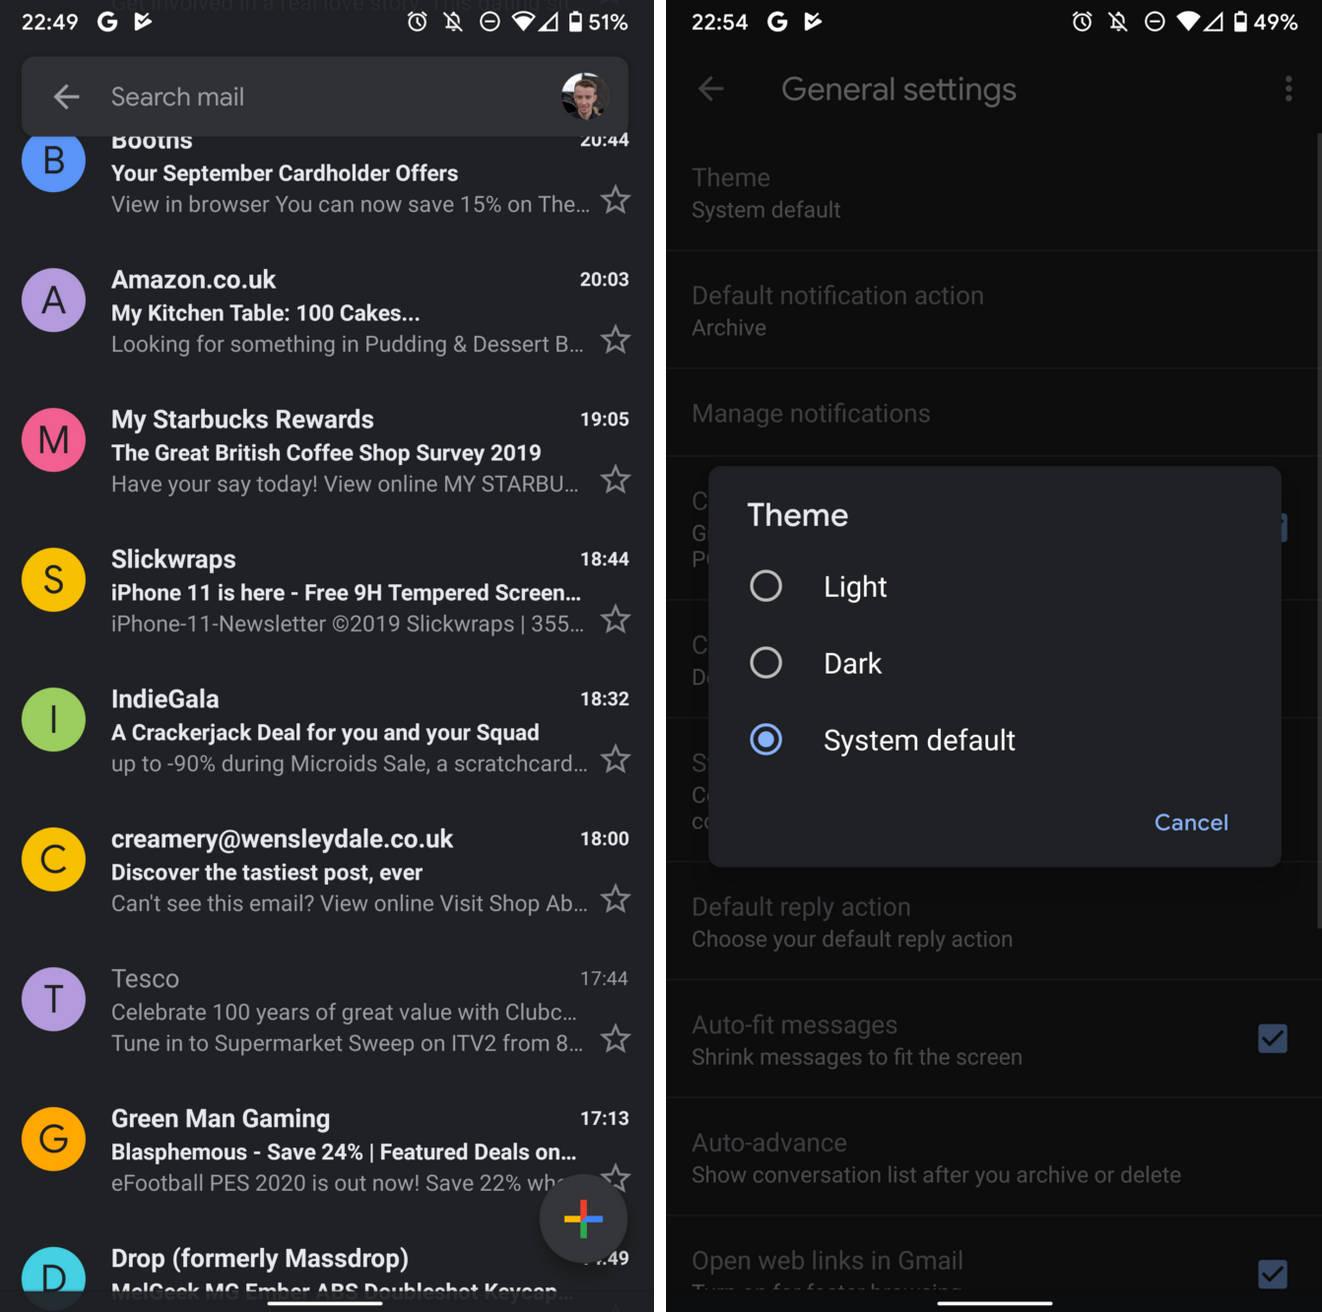 Gmail dark mode ciemny motyw jak włączyć mapy Google Maps